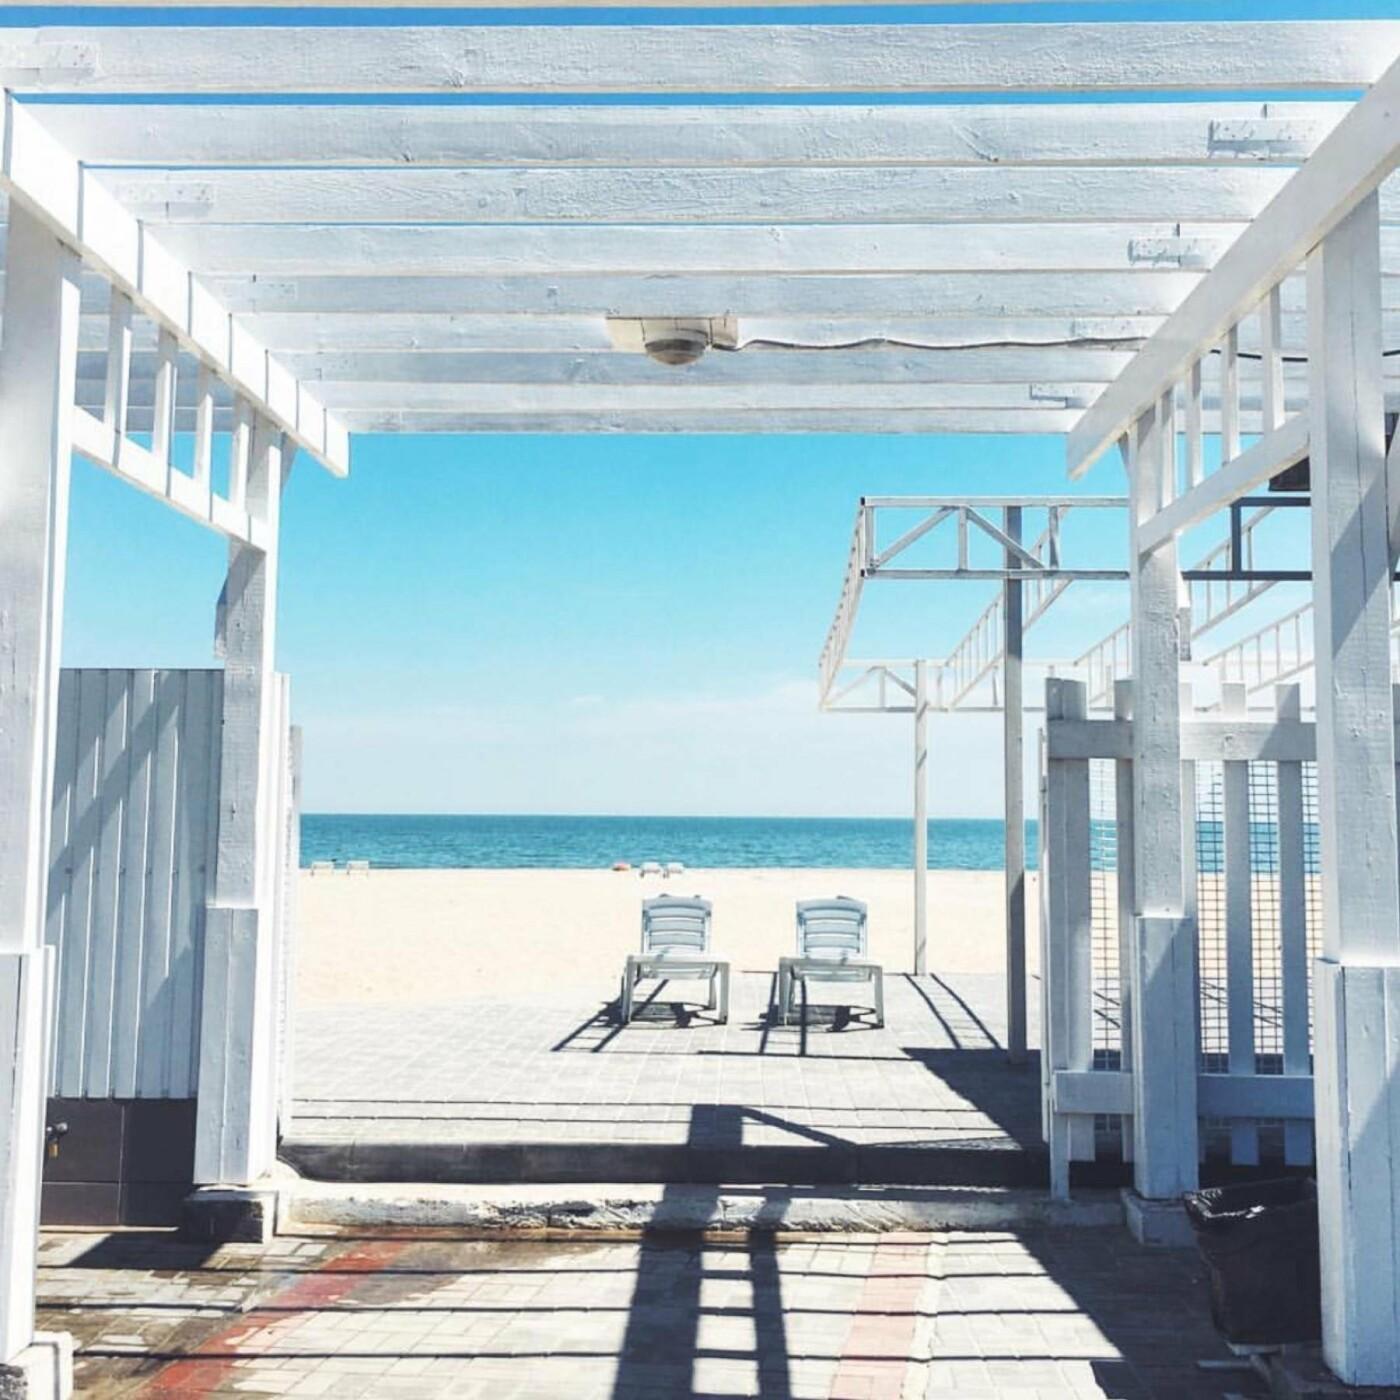 Планируй отпуск заранее - забронируй комфортабельный номер в клубе семейного отдыха «Акватика» пос. Мелекино, фото-9